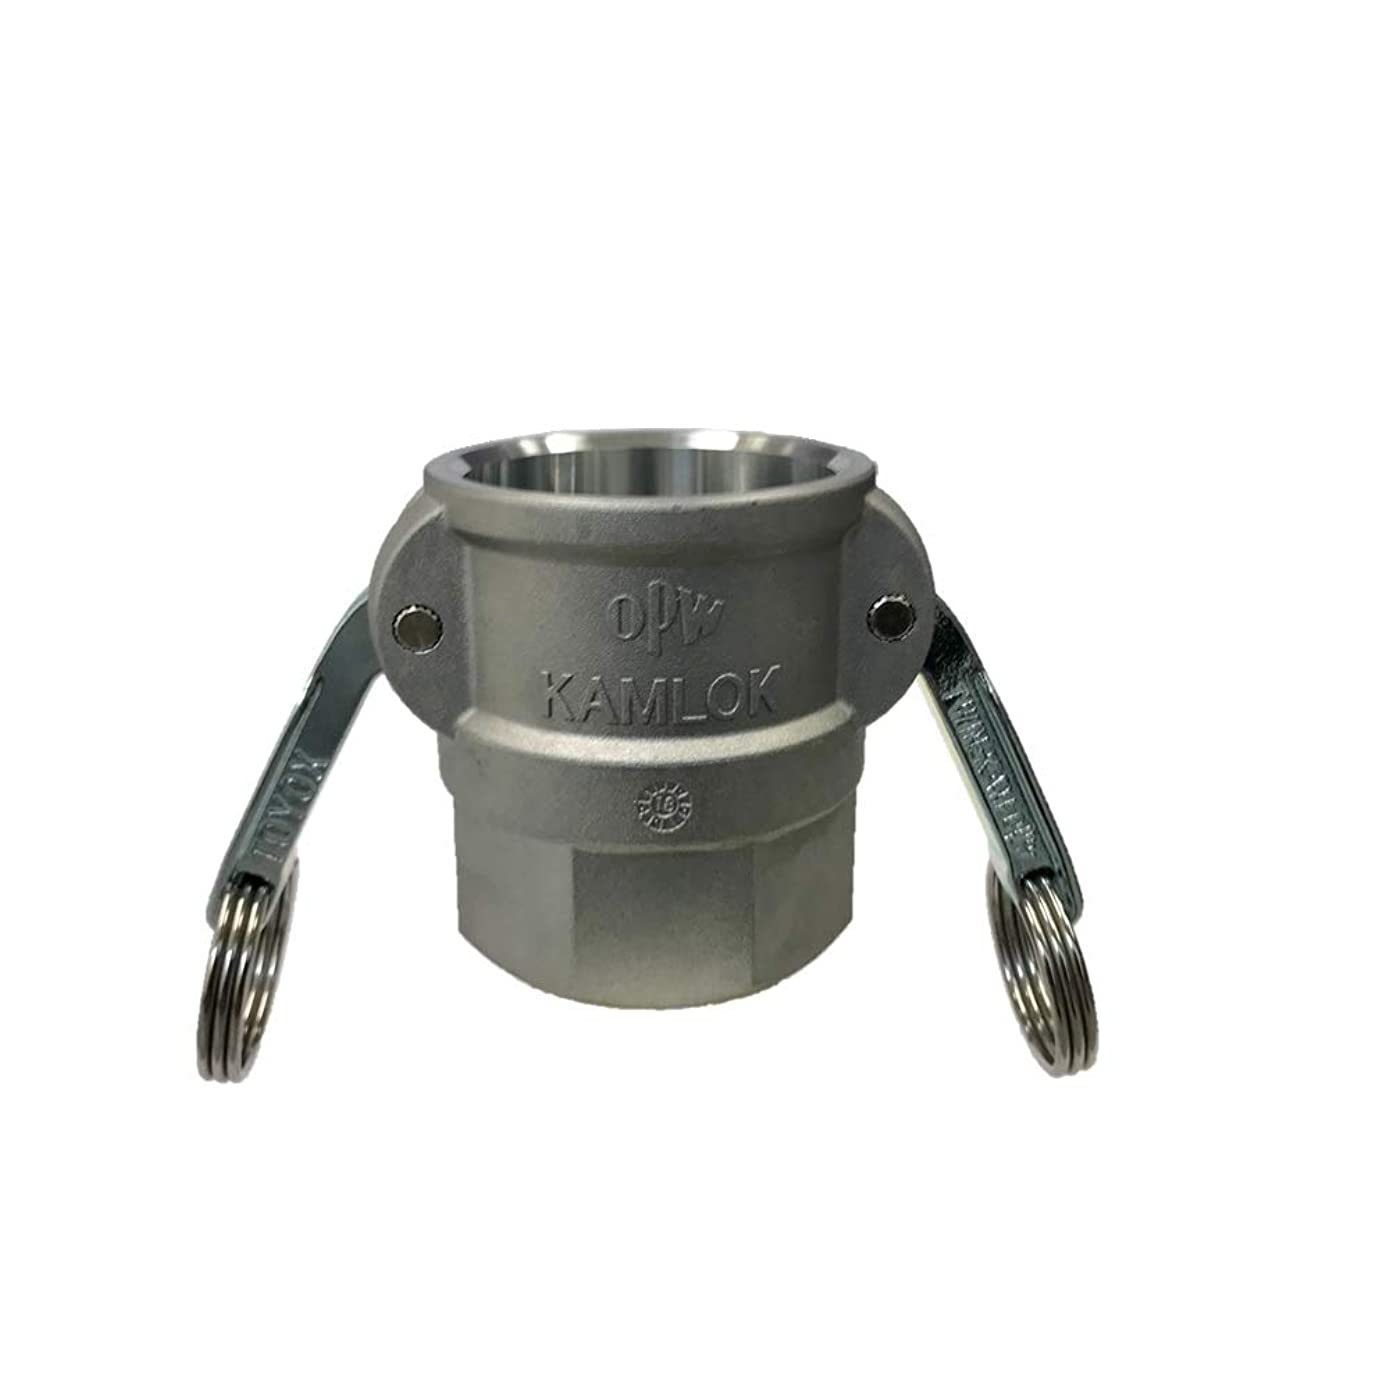 覆す複合所得TOYOX カムロック 633-DB2AL (2インチ アルミ合金) カプラー メネジ 規格